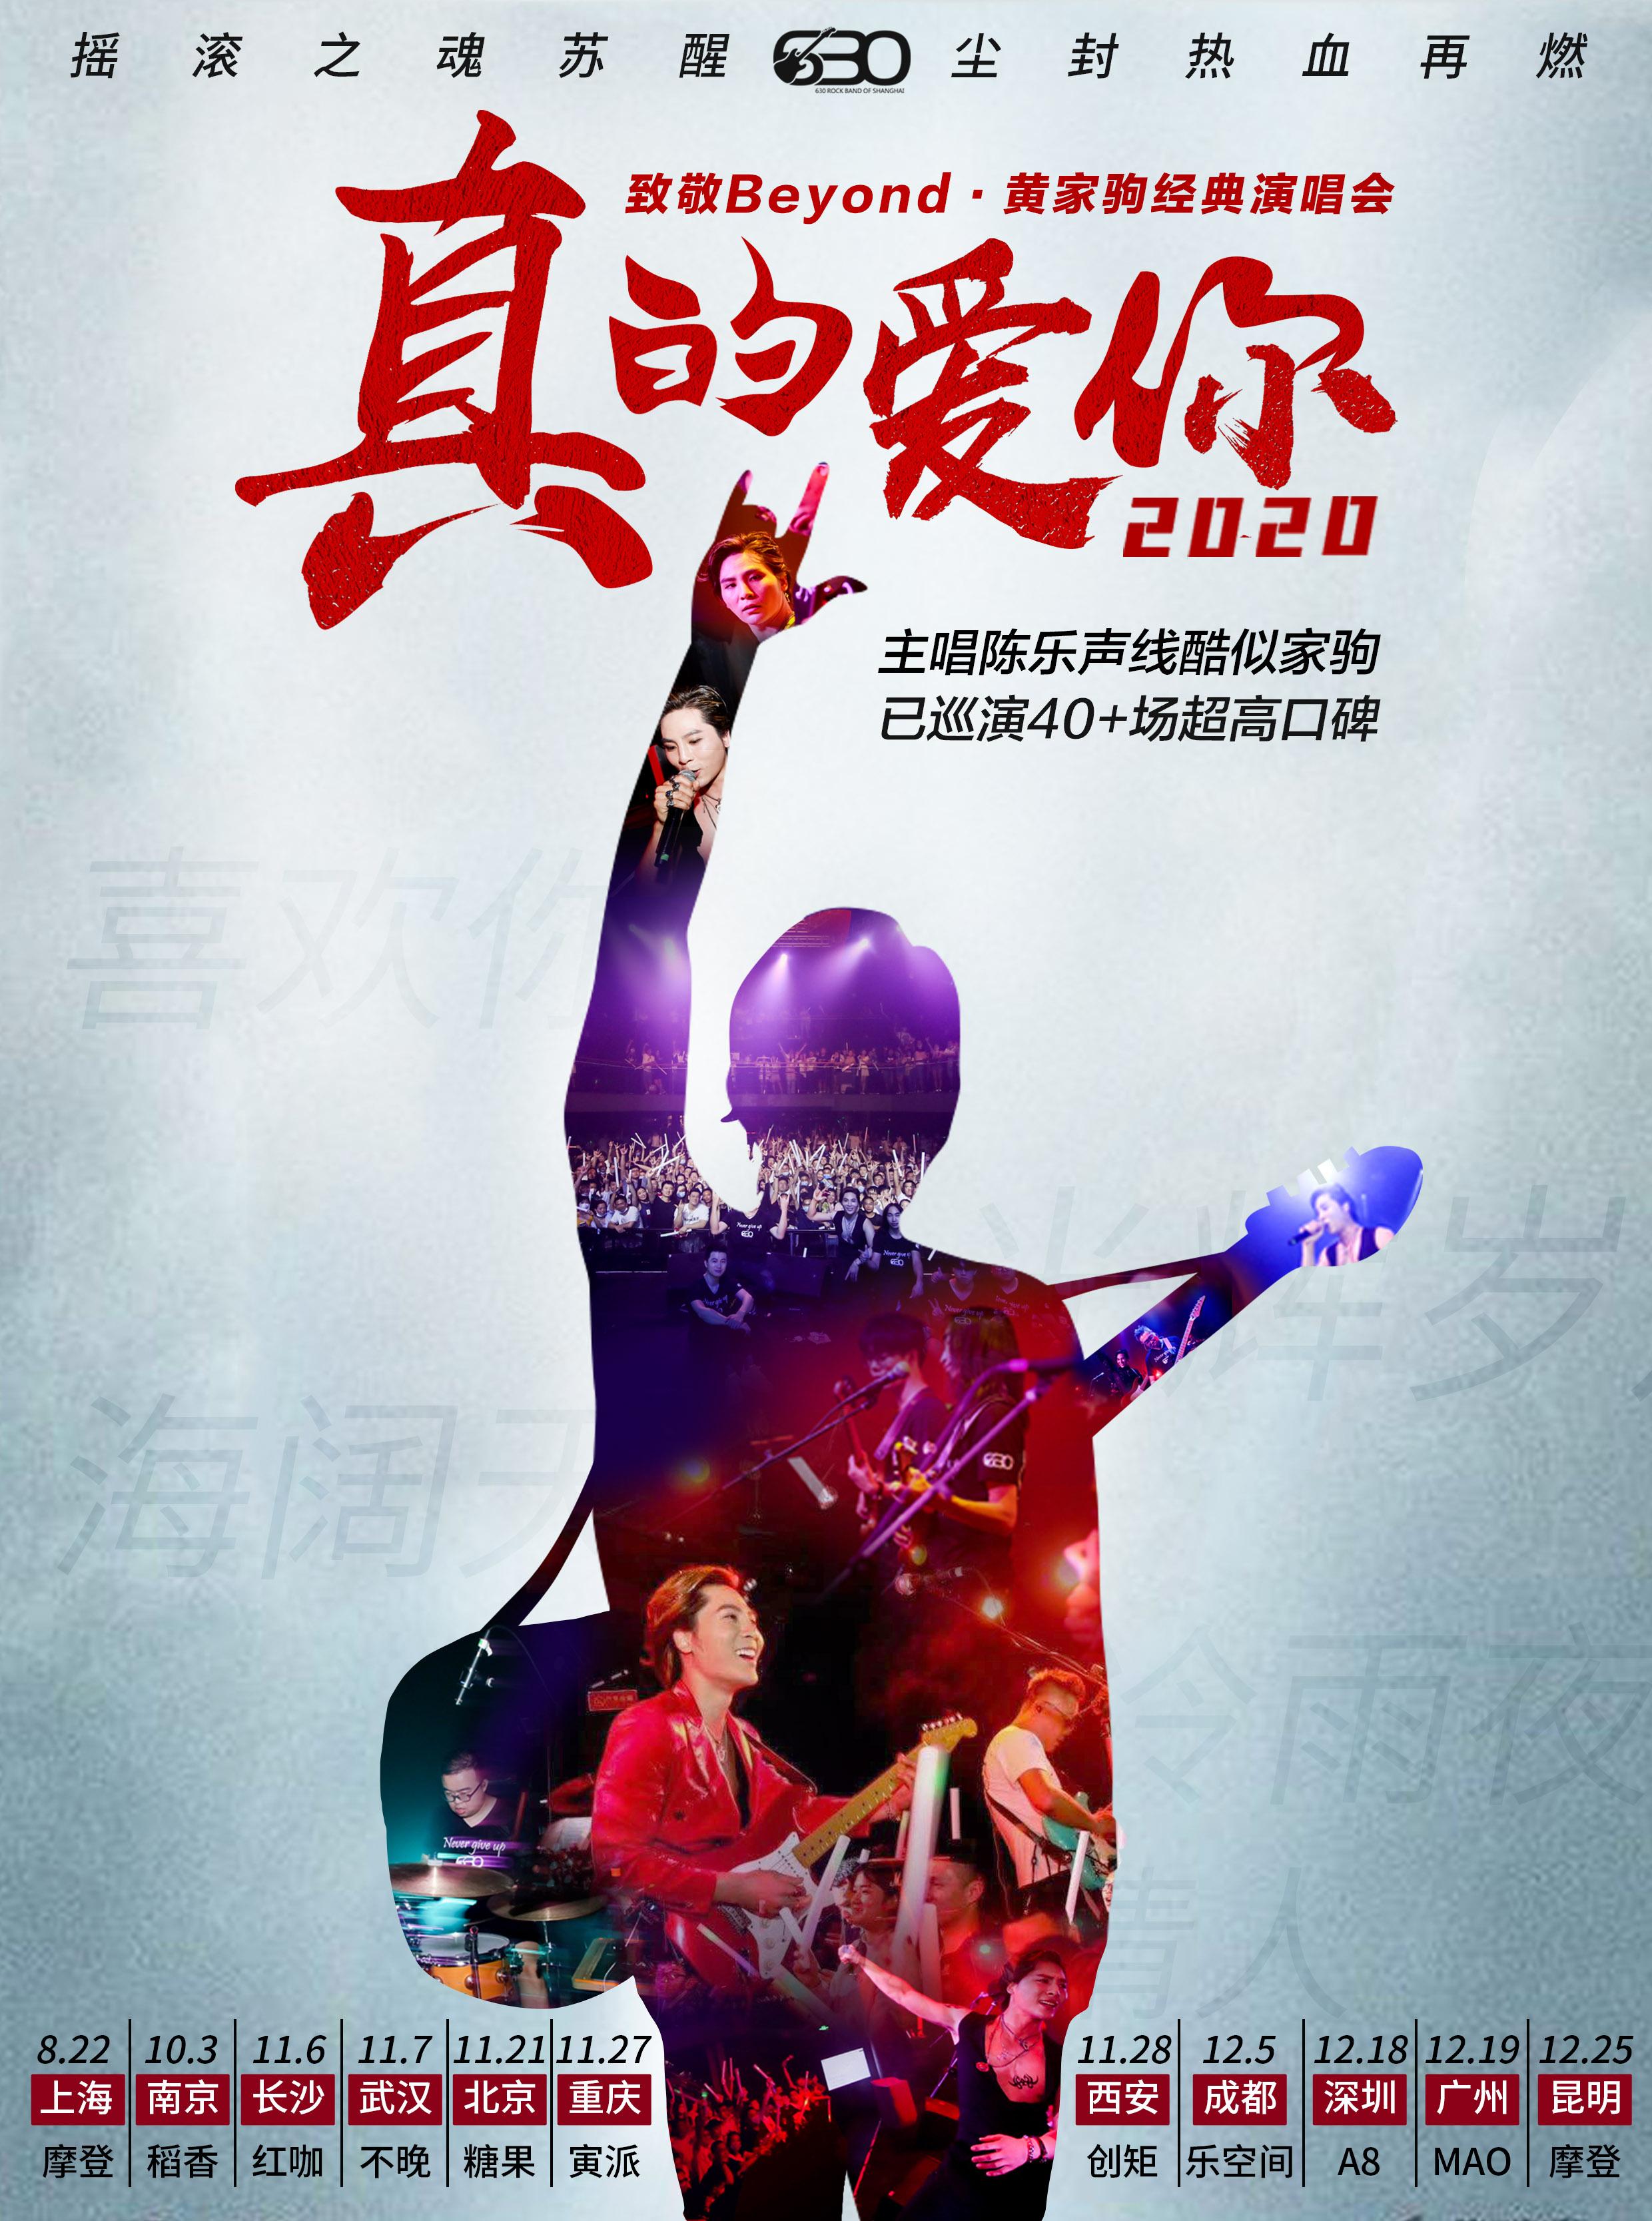 【西安】真的爱你-致敬BEYOND·黄家驹演唱会西安站